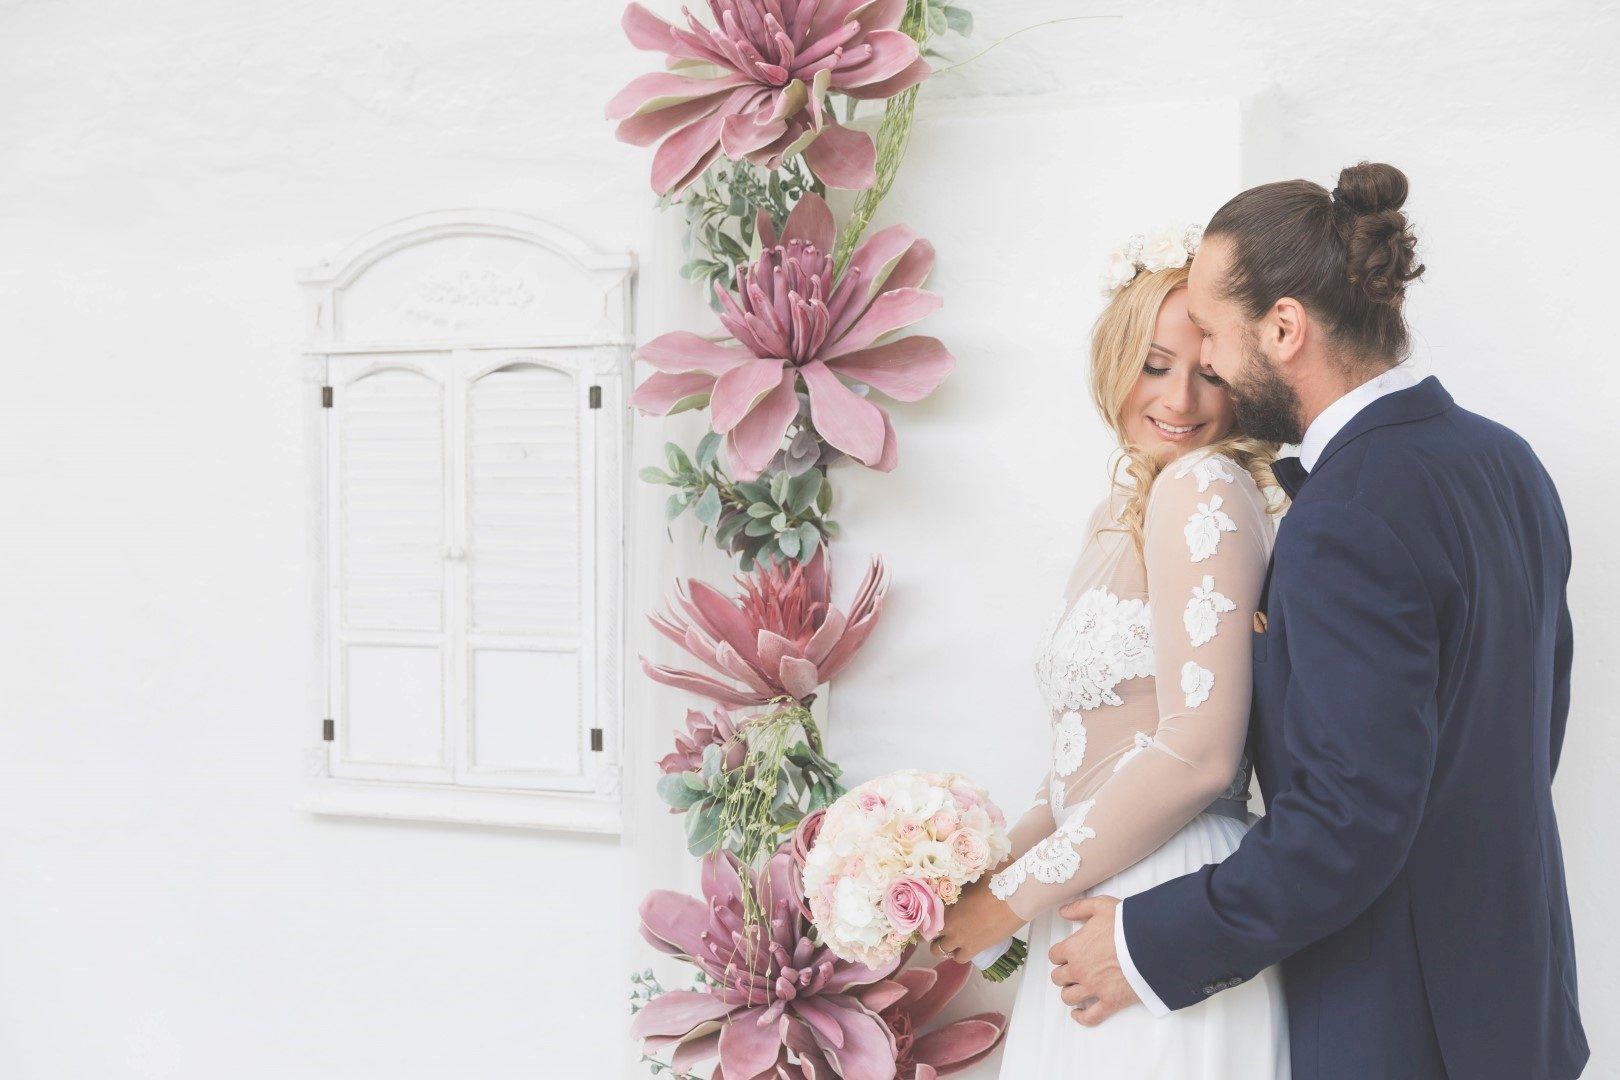 beltéri esküvő